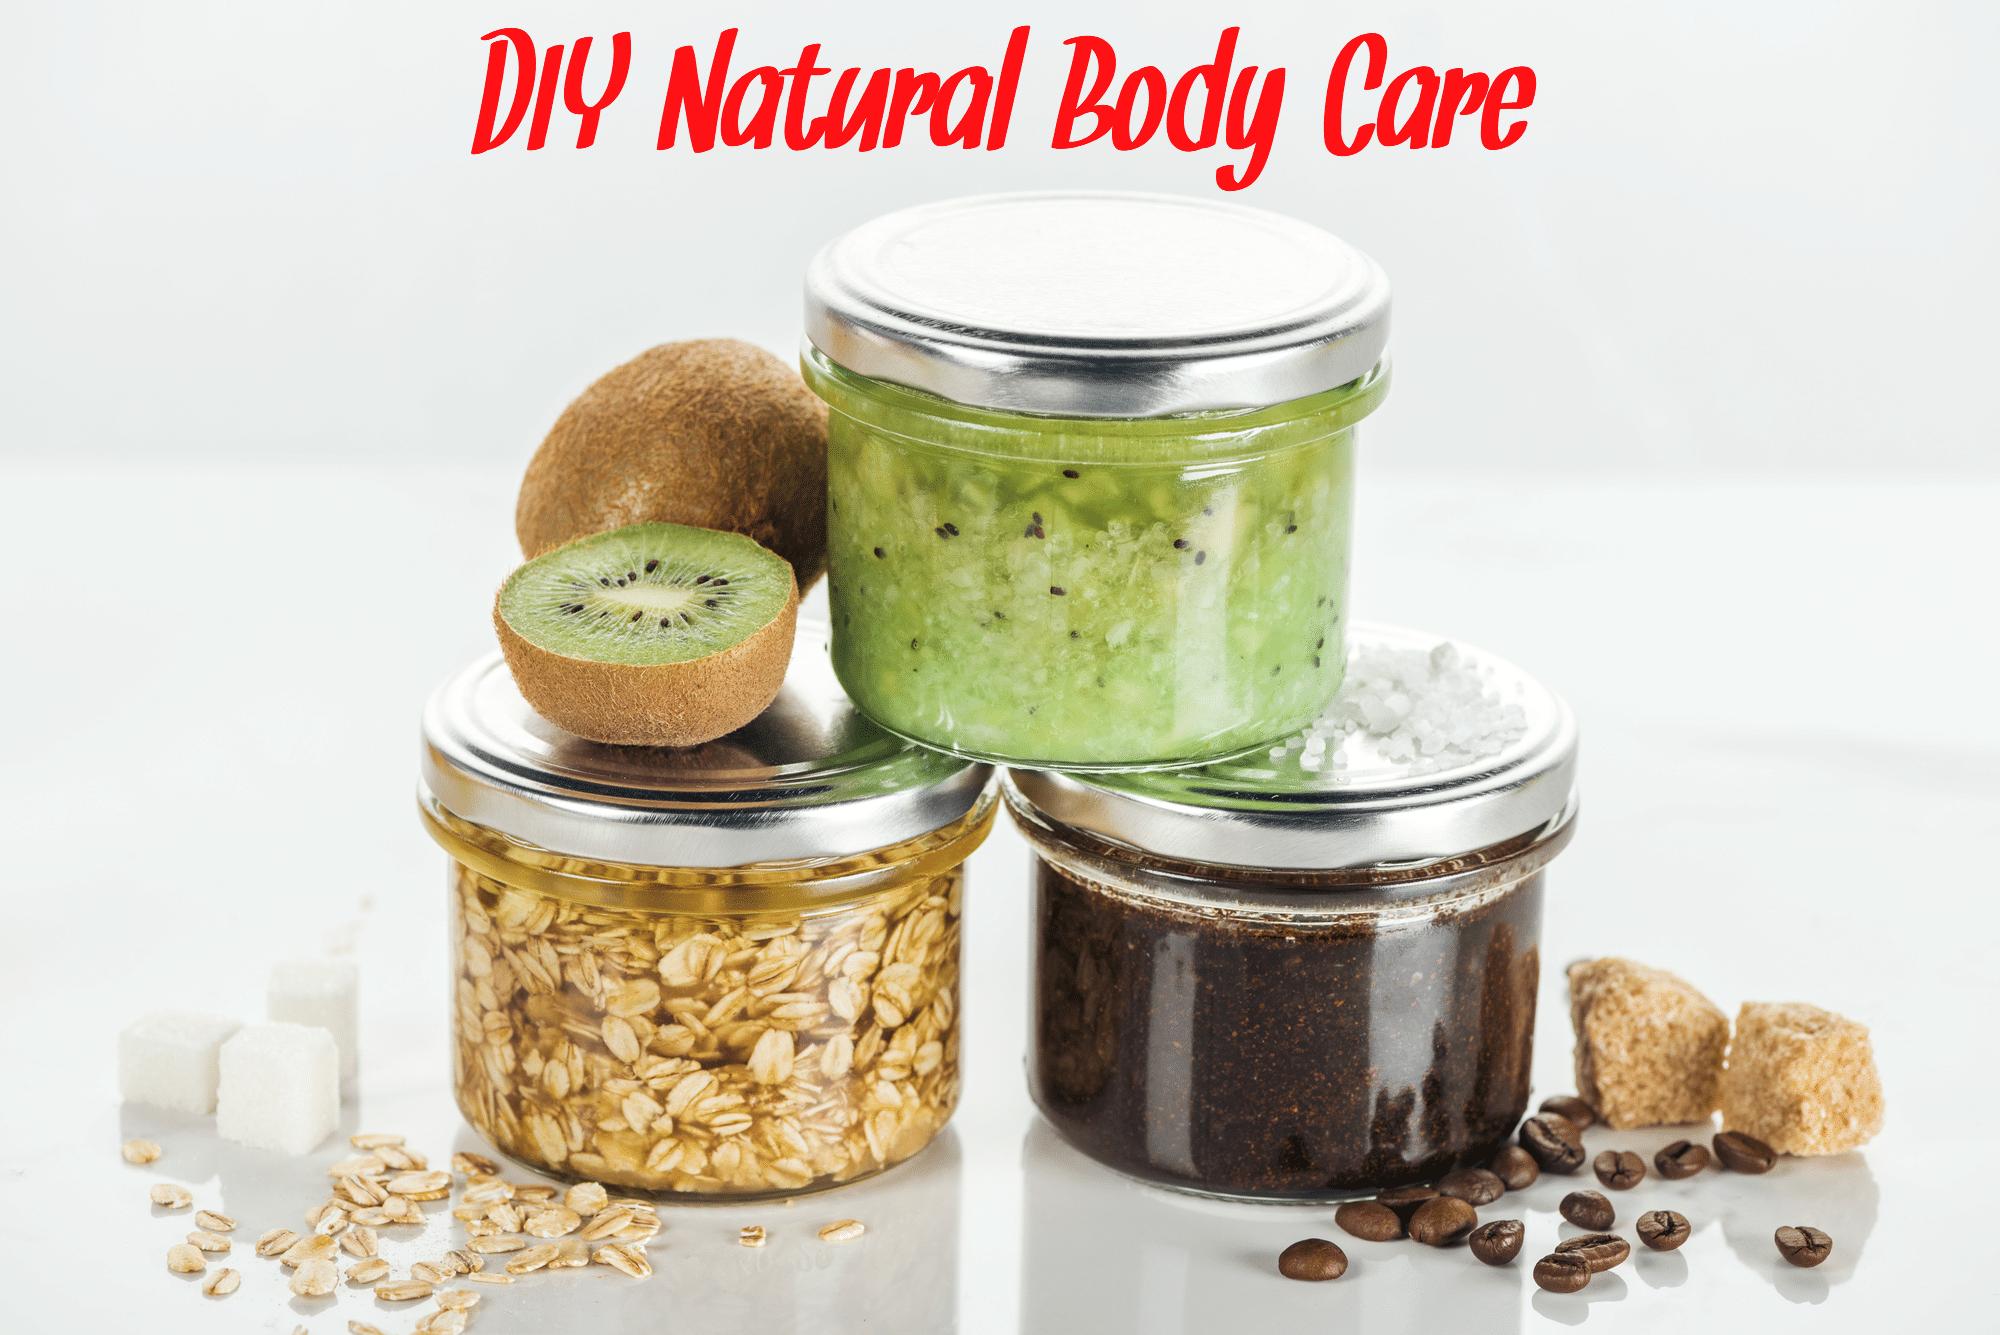 Homemade DIY scrubs including a coffee scrub, a kiwi scrub, and an oatmeal scrub. All in glass jars.